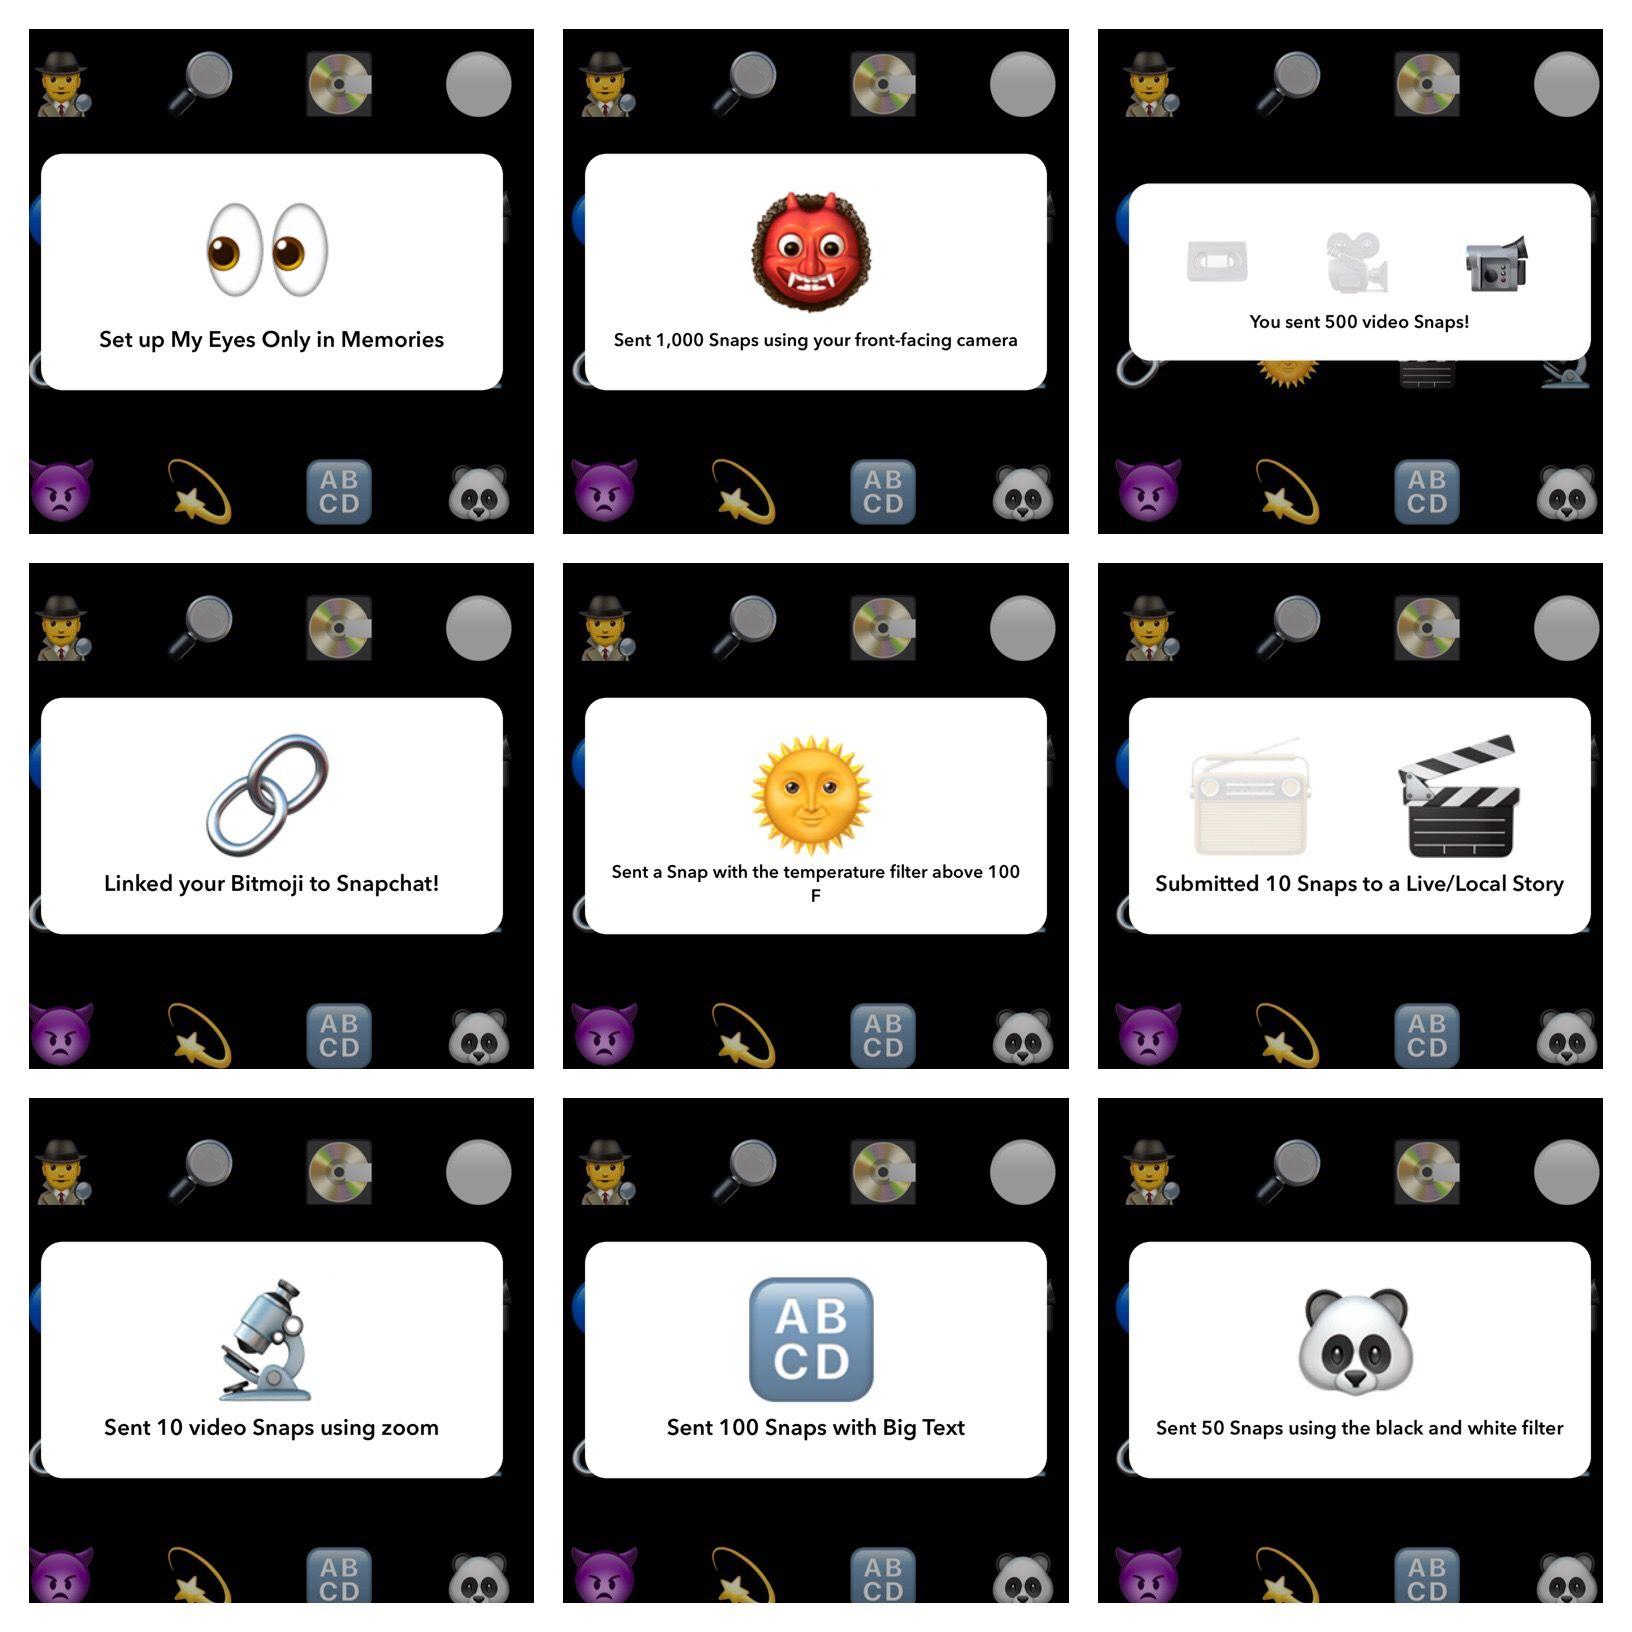 3c7124a9431935d09dff39fe472f33ef - How Do You Get To The Trophy Case On Snapchat